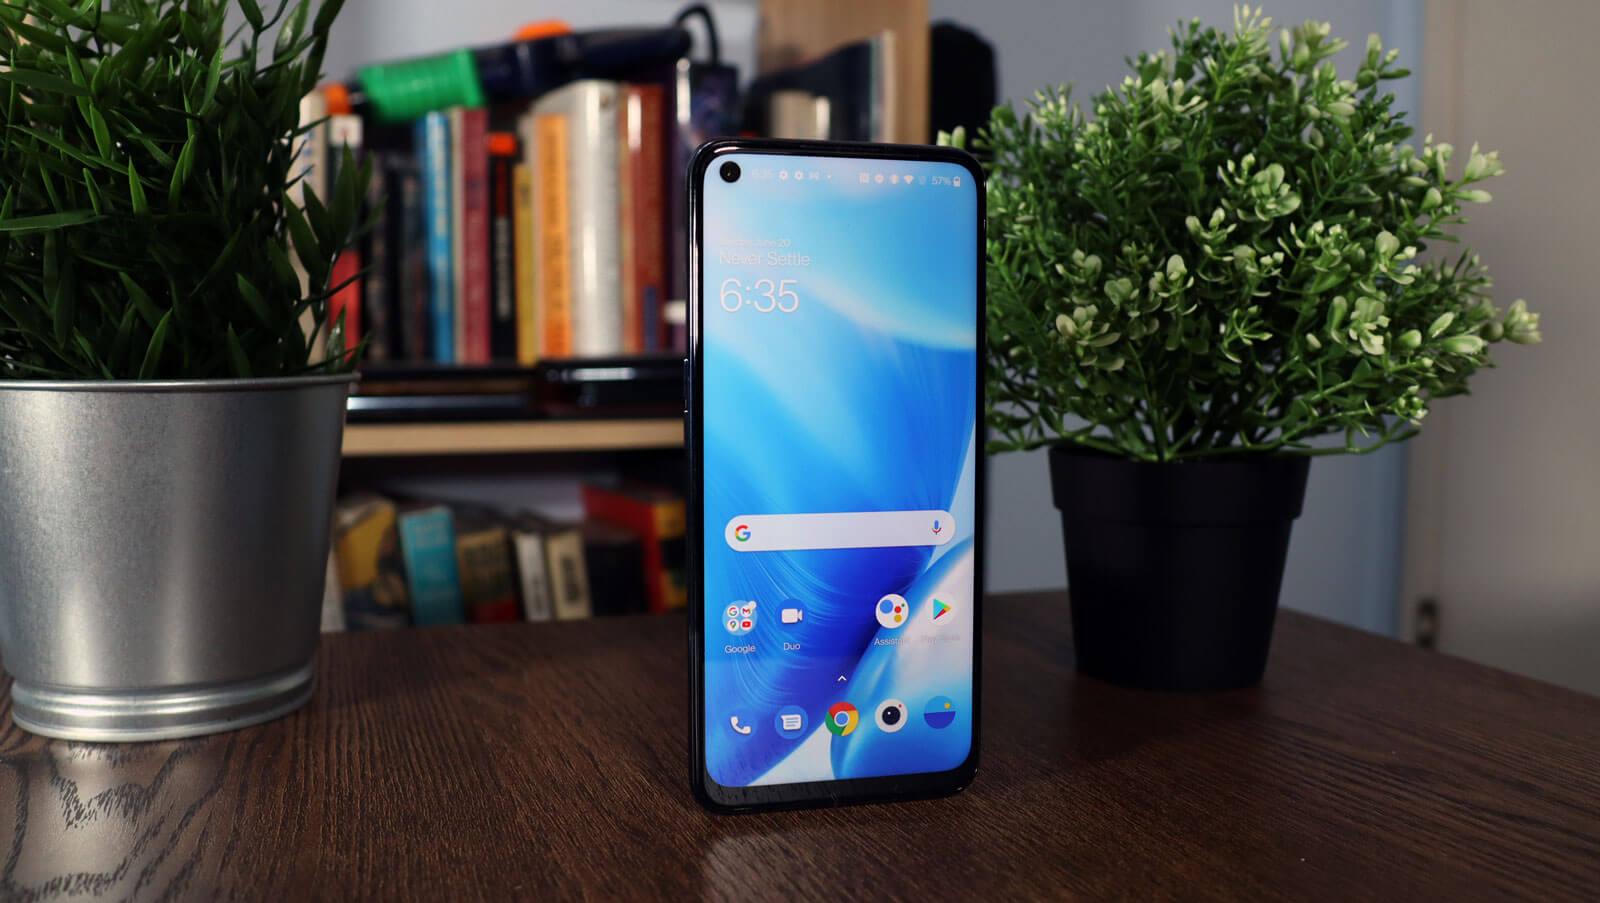 بهترین گوشی های ارزان قیمت سال 2021 - OnePlus Nord N200 5G